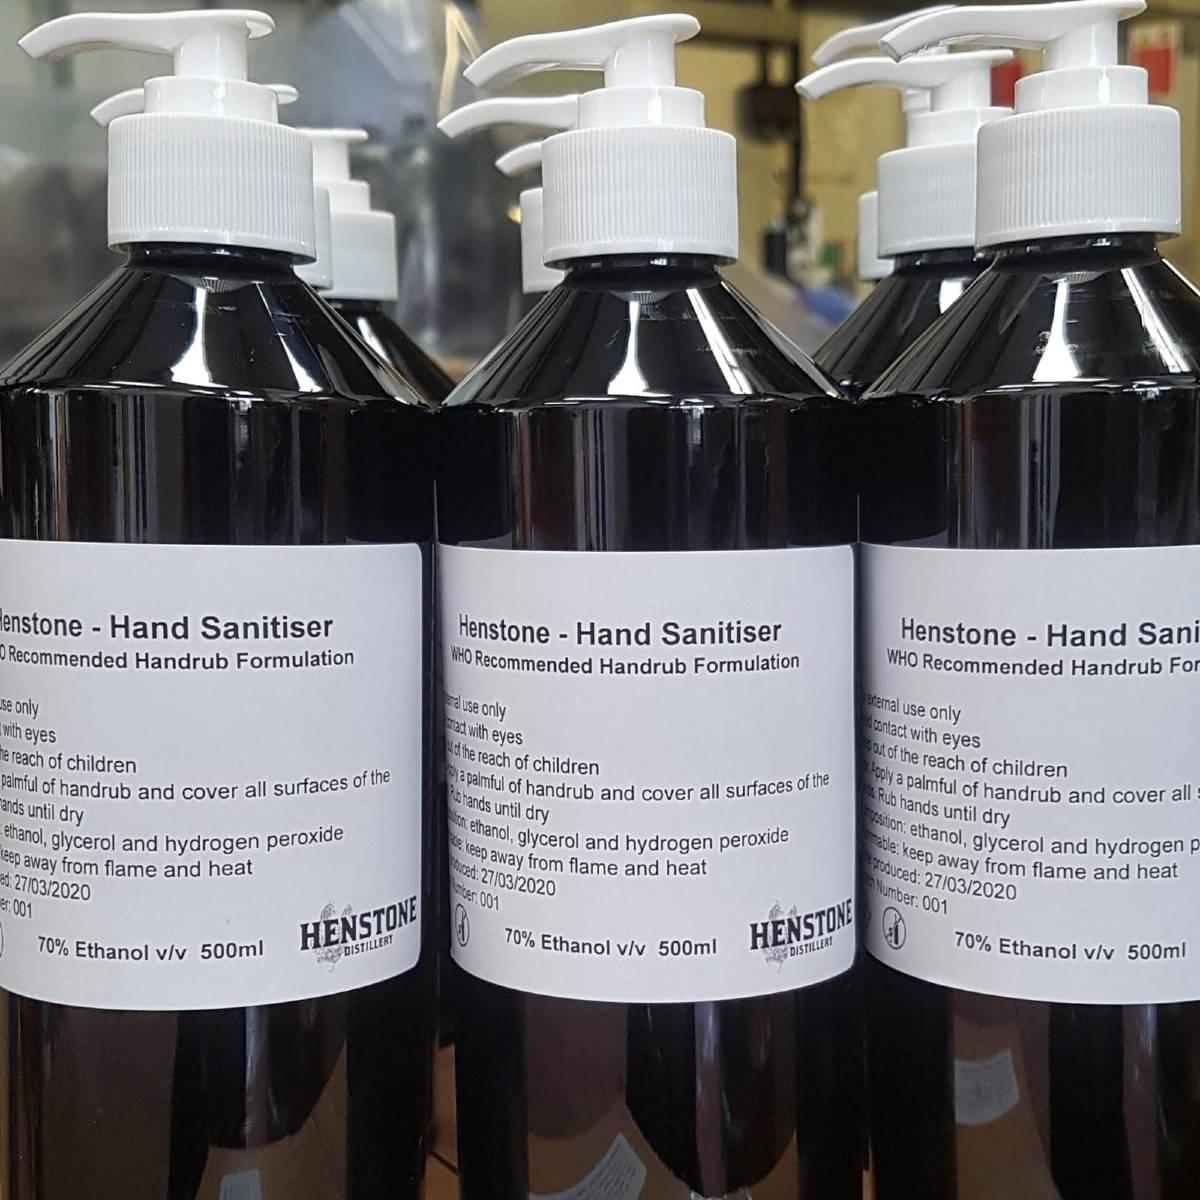 Hand sanitiser bottles ready for distribution